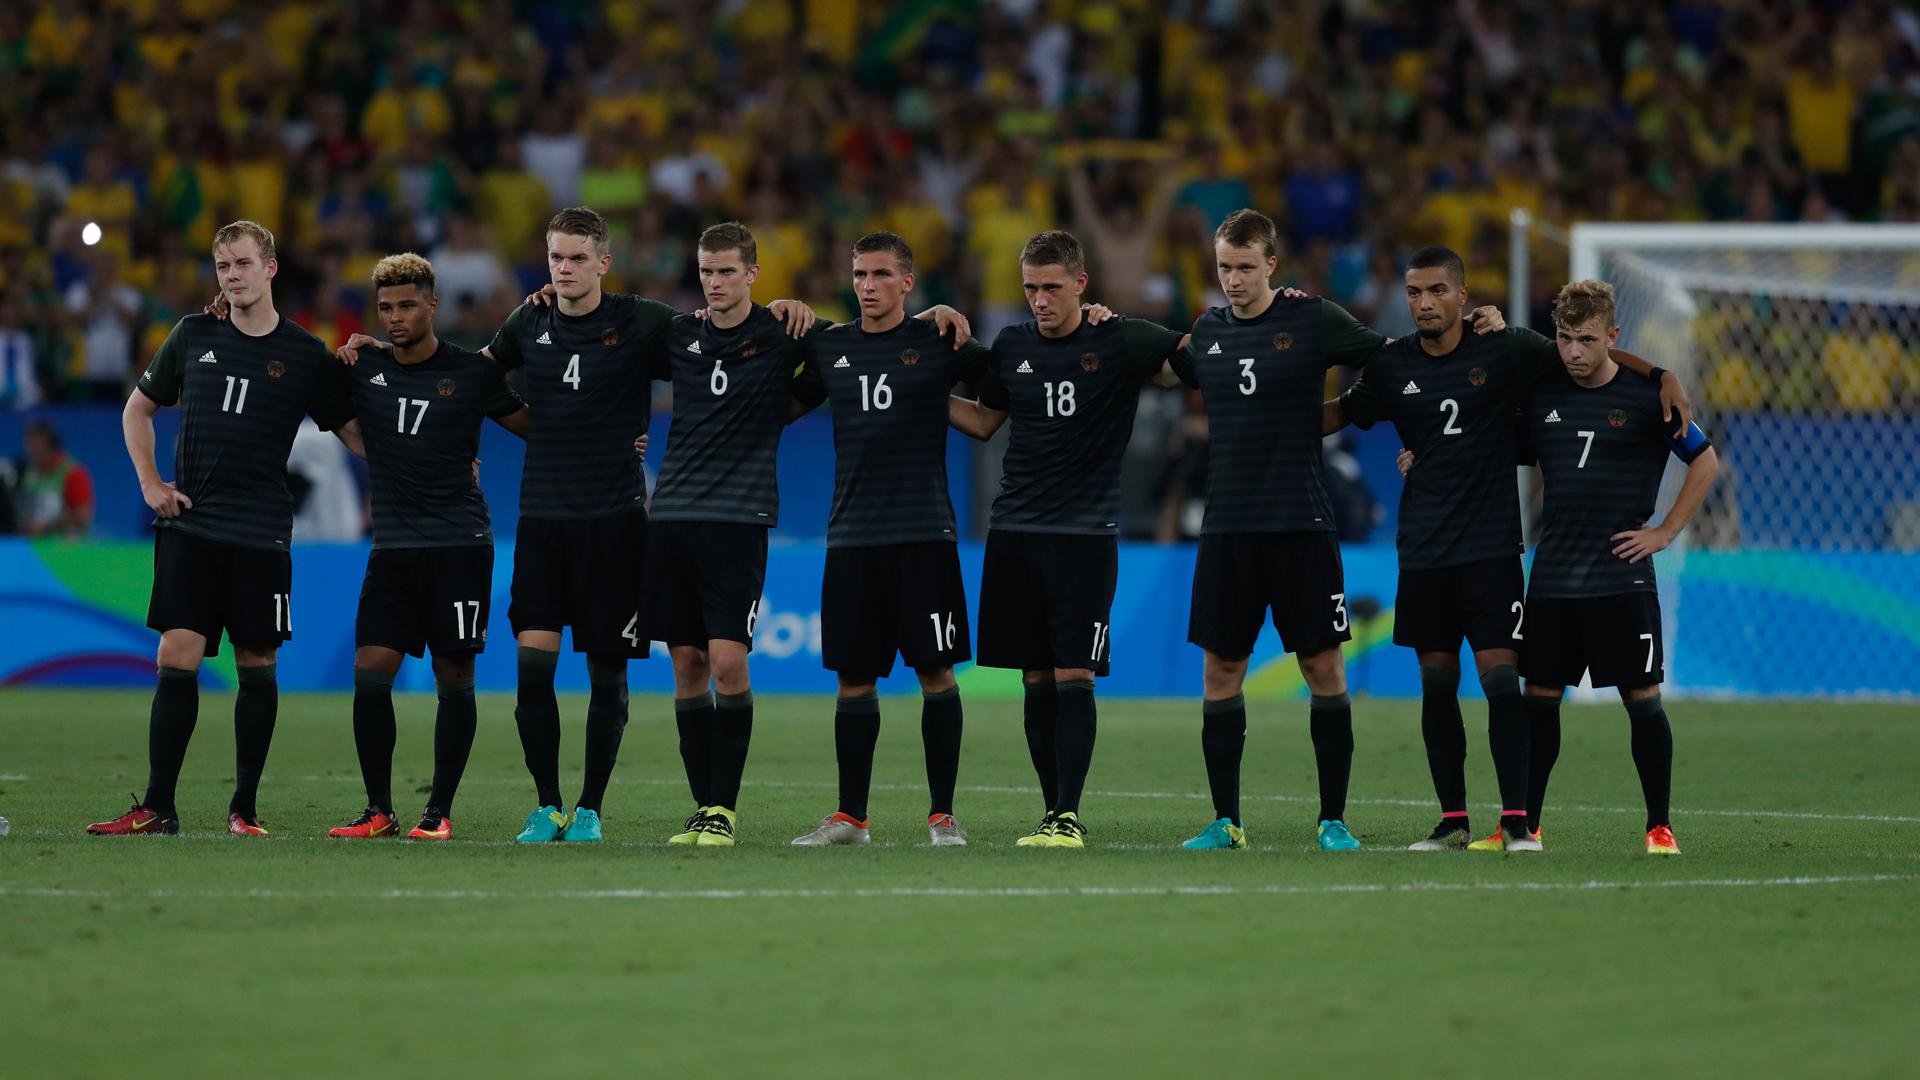 Der deutsche Nationalspieler Lukas Klostermann (Trikotnummer drei) mit seinen Kameraden beim Elfmeterschießen im Olympia-Finale von Rio 2016